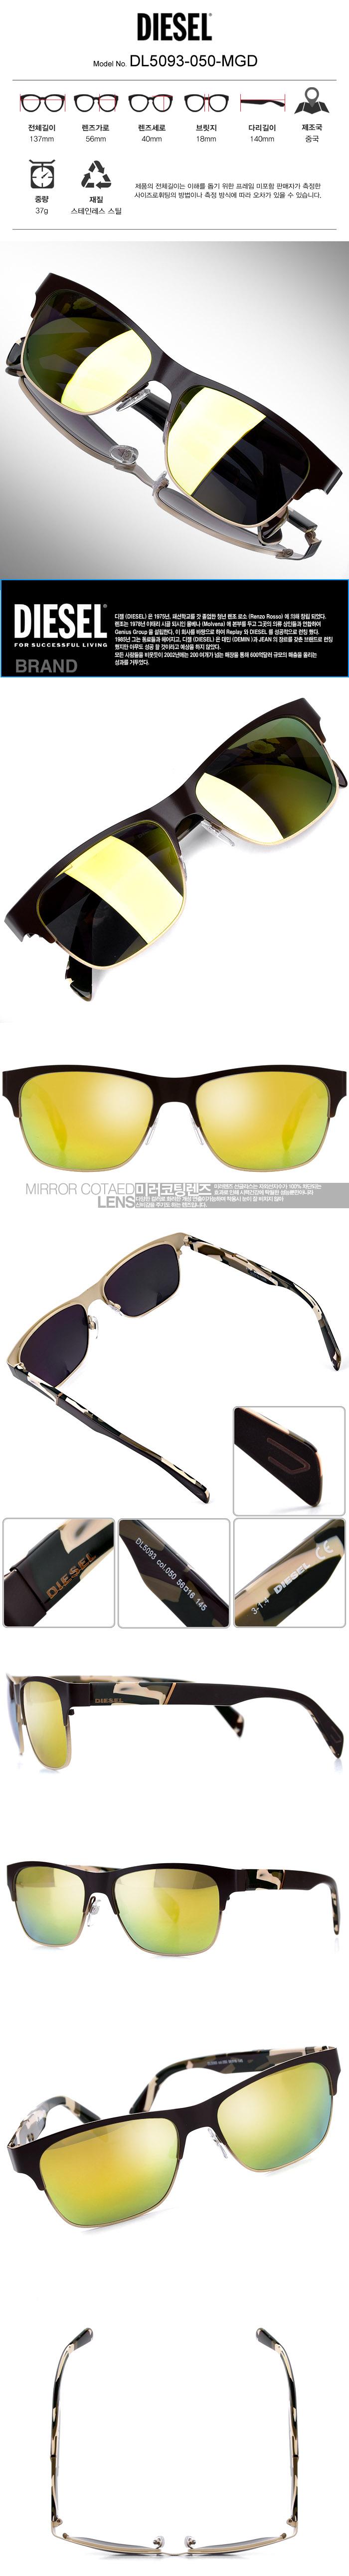 디젤 DL5093 명품 미러 선글라스 DL5093-050-MGD / DIESEL / 트리시클로